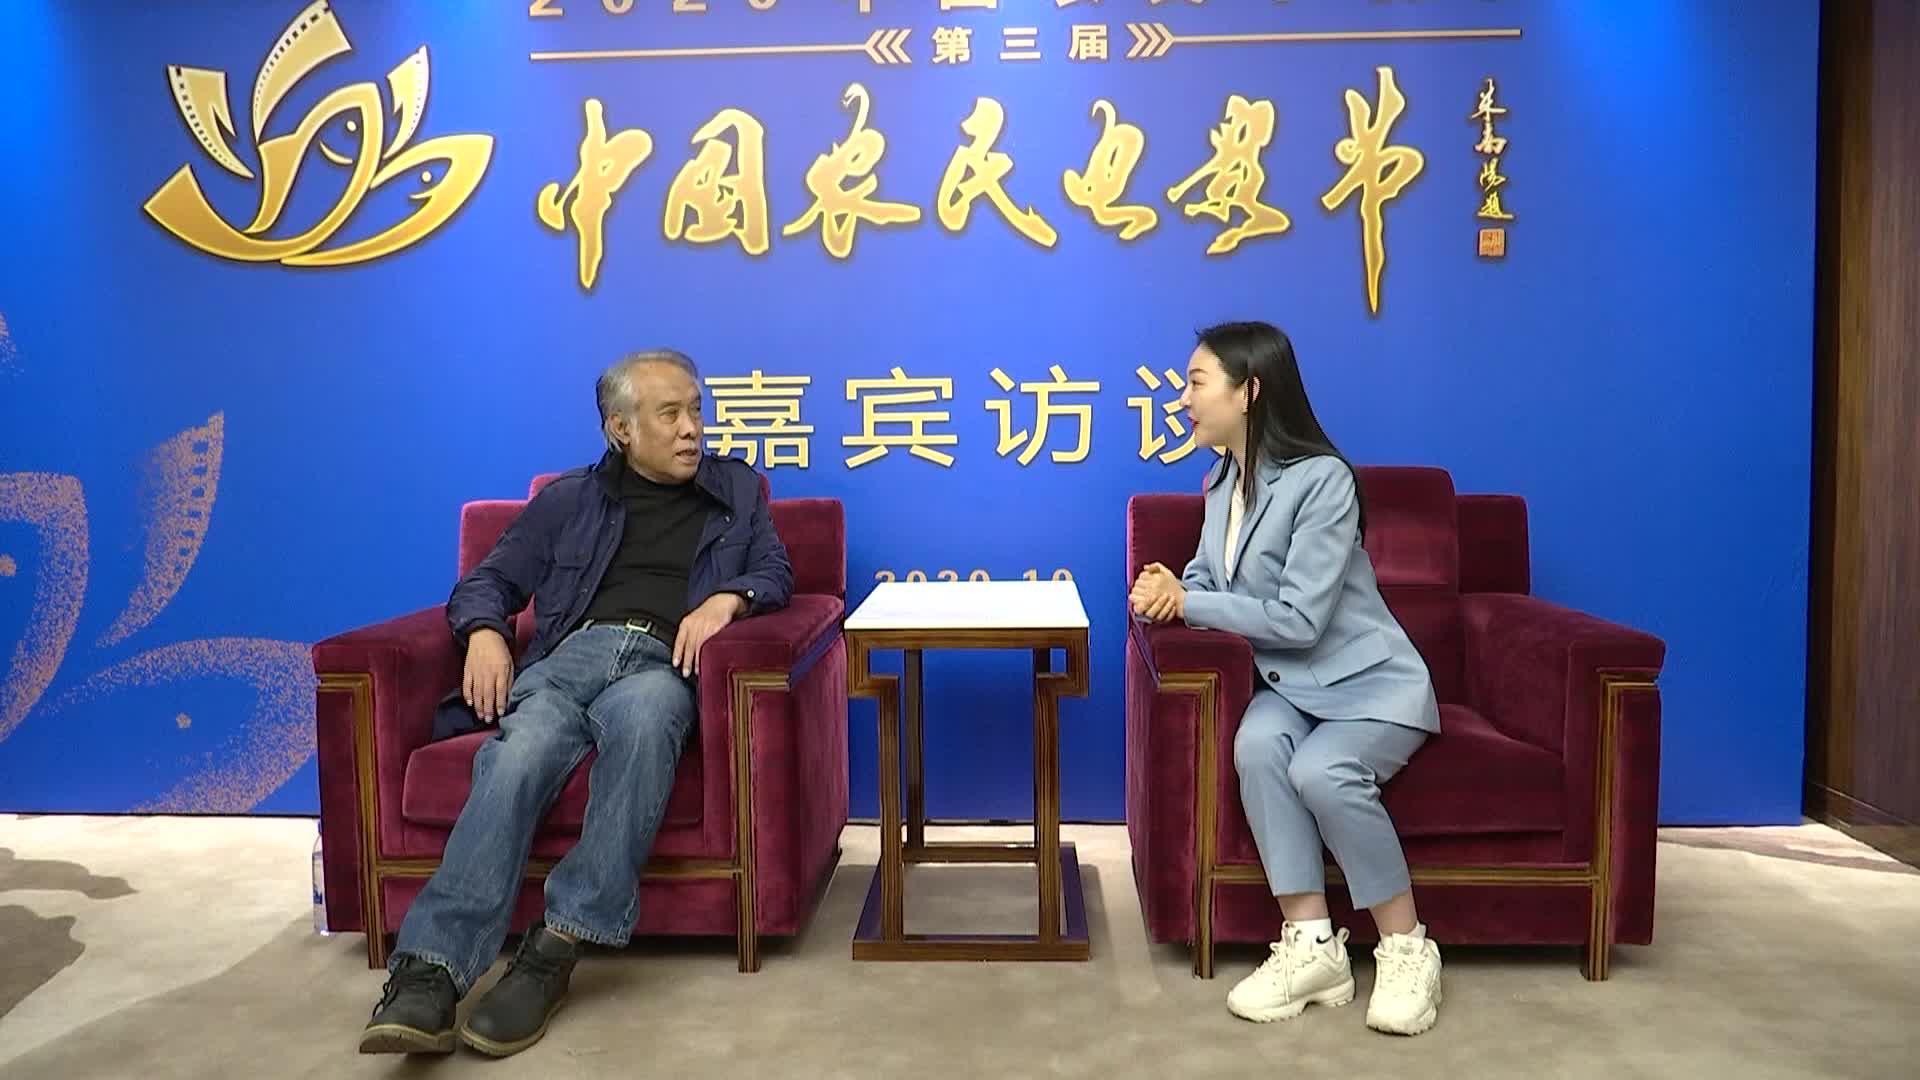 【专访】第三届中国农民电影节嘉宾、编剧史建全